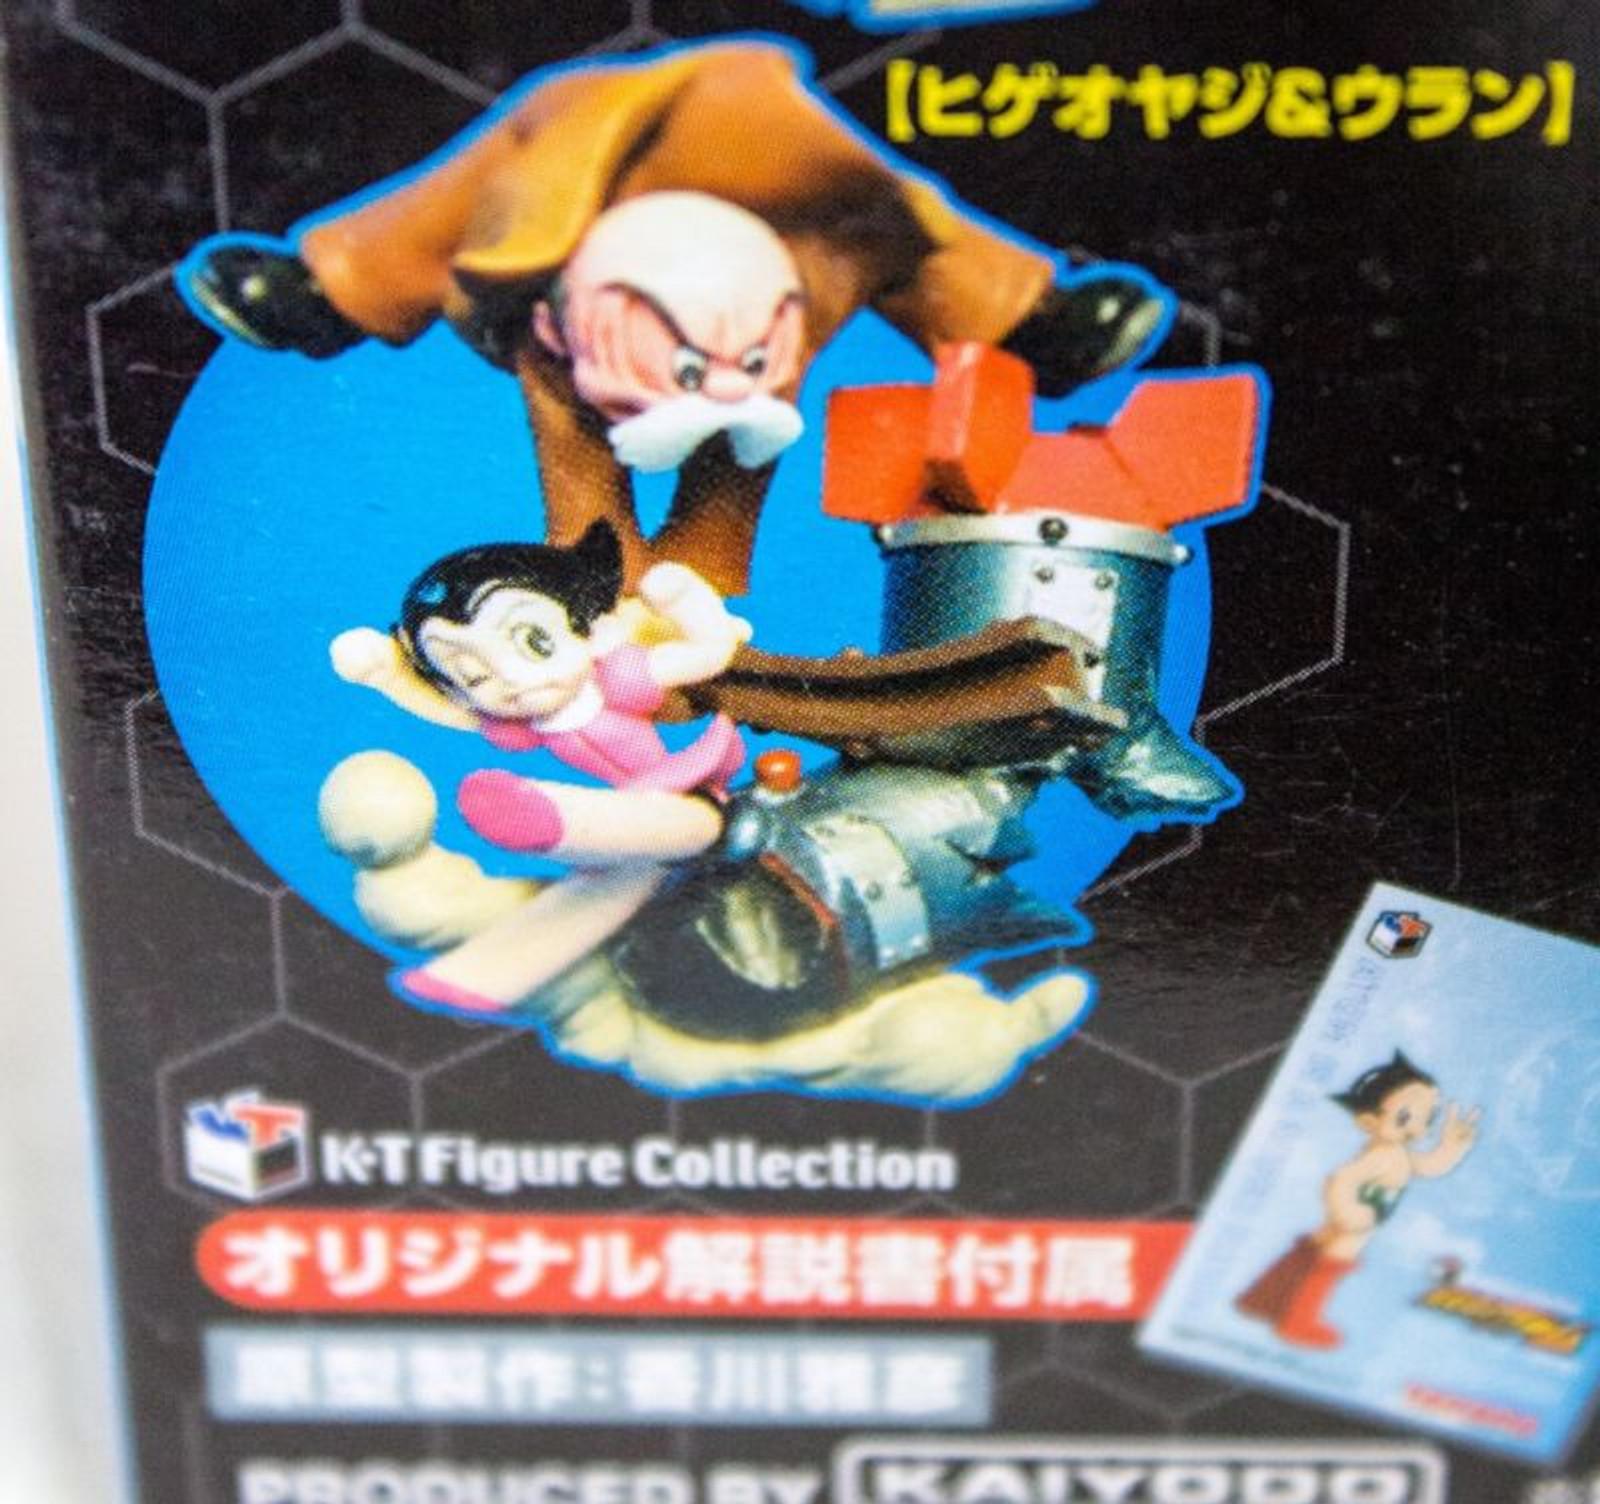 Astro Boy Higeoyaji Uran K.T Scene Figure Collection 1 Takara JAPAN ANIME